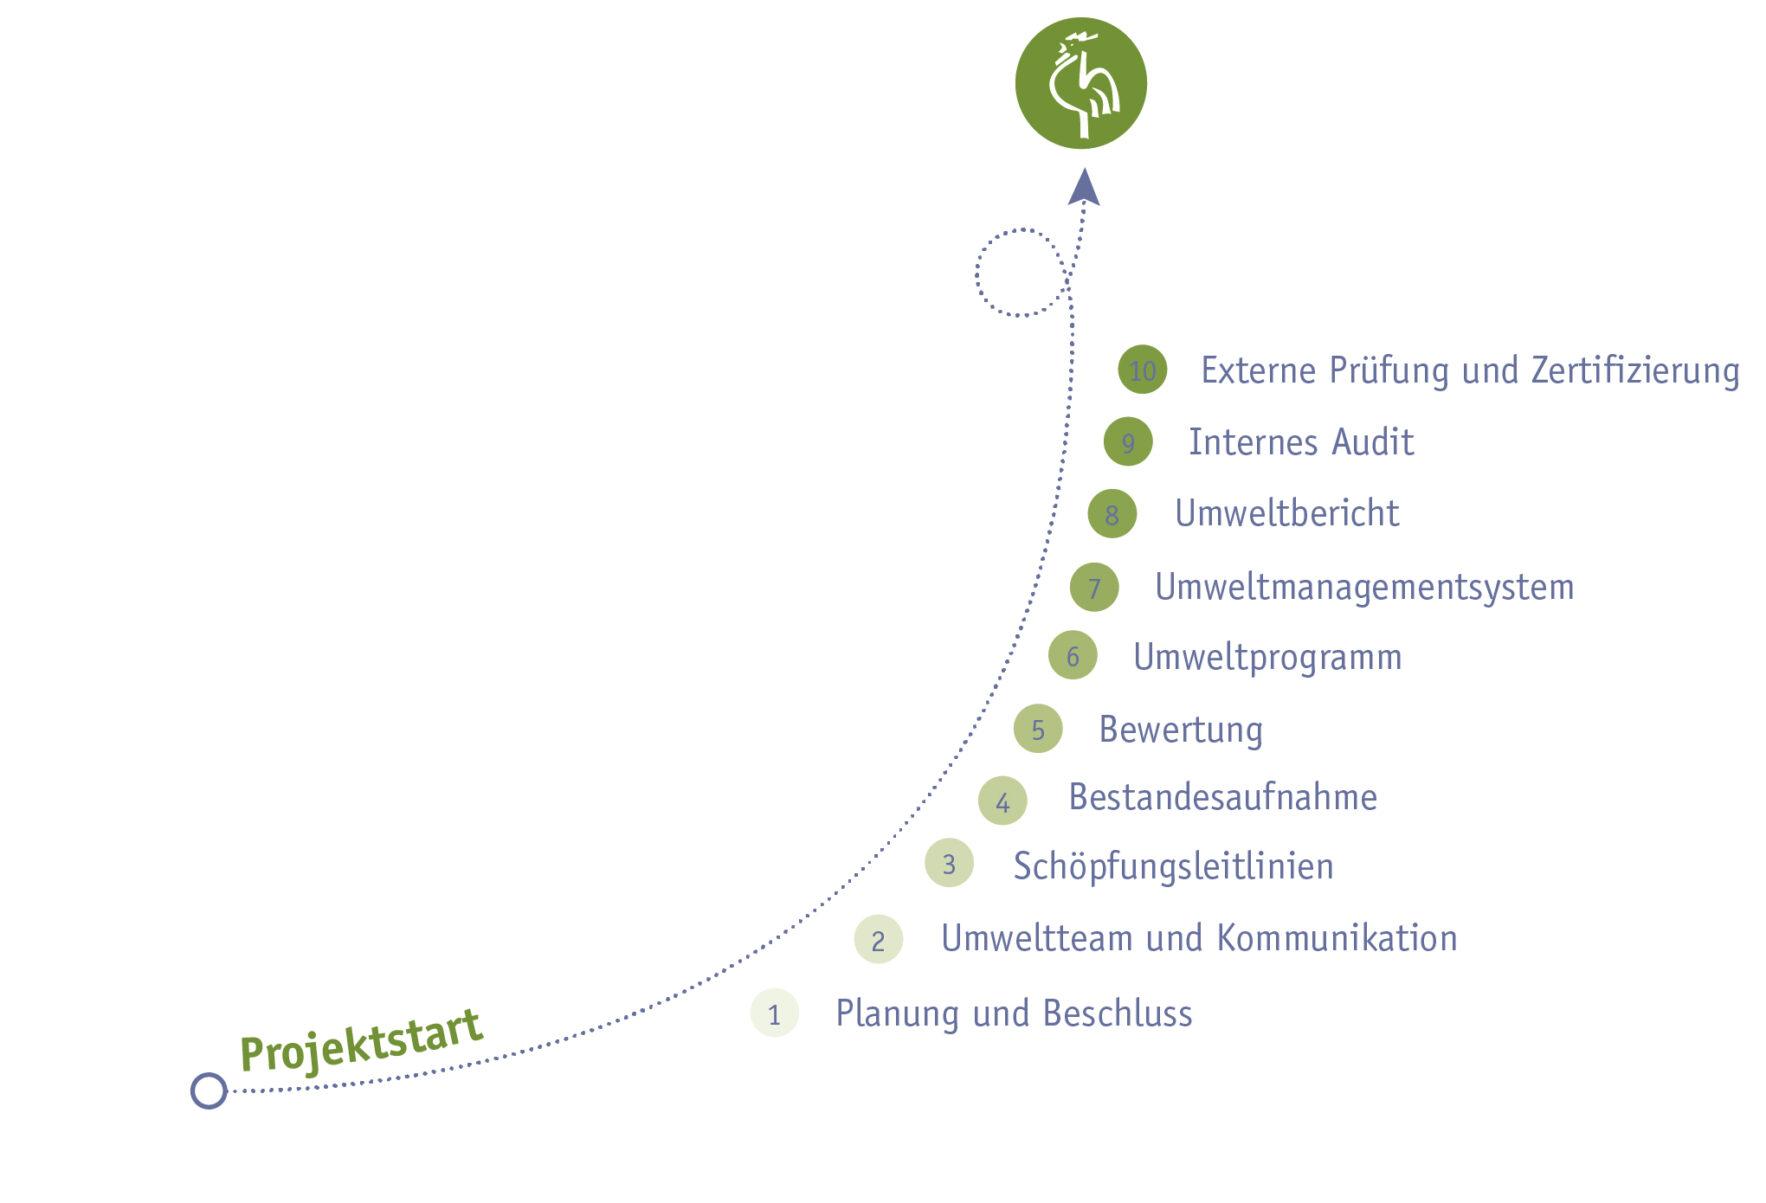 10 Schritte zum Umweltmanagement Zertifikat